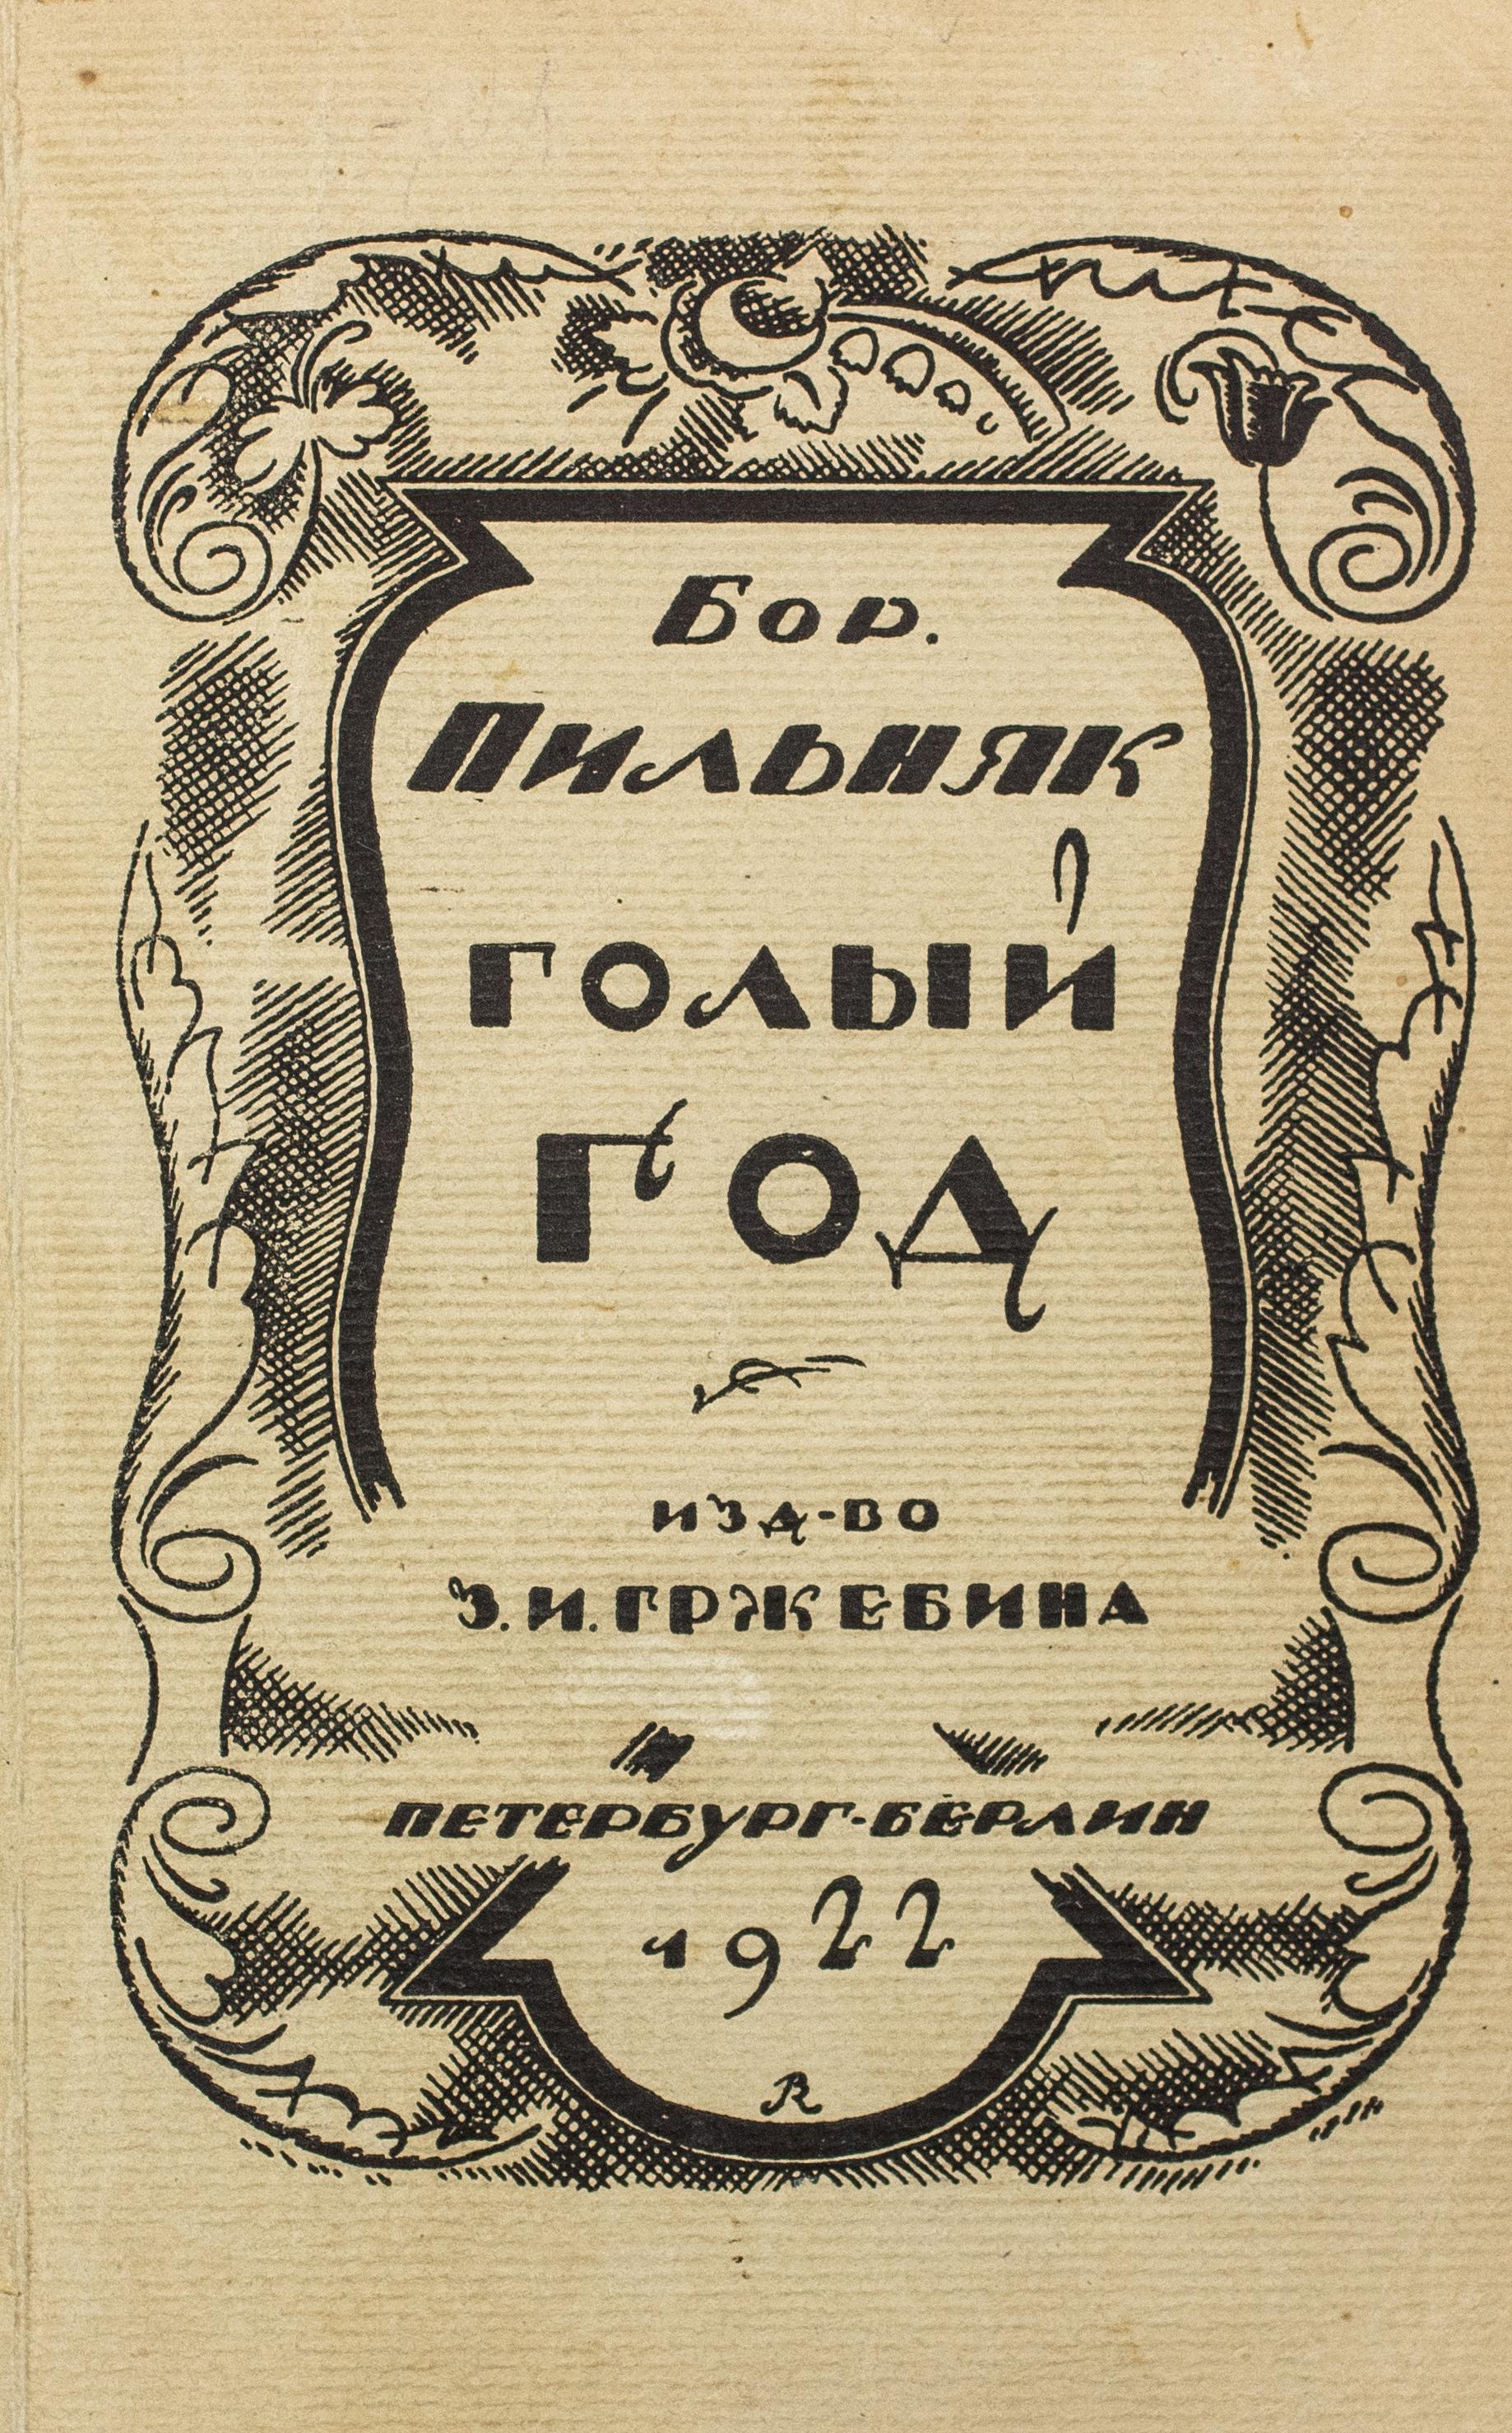 Lot 416 - [Vladimir KONACHEVITCH (Konachewicz; 1888–1963)] PILNIAK, Boris. L'Année nue. [...]